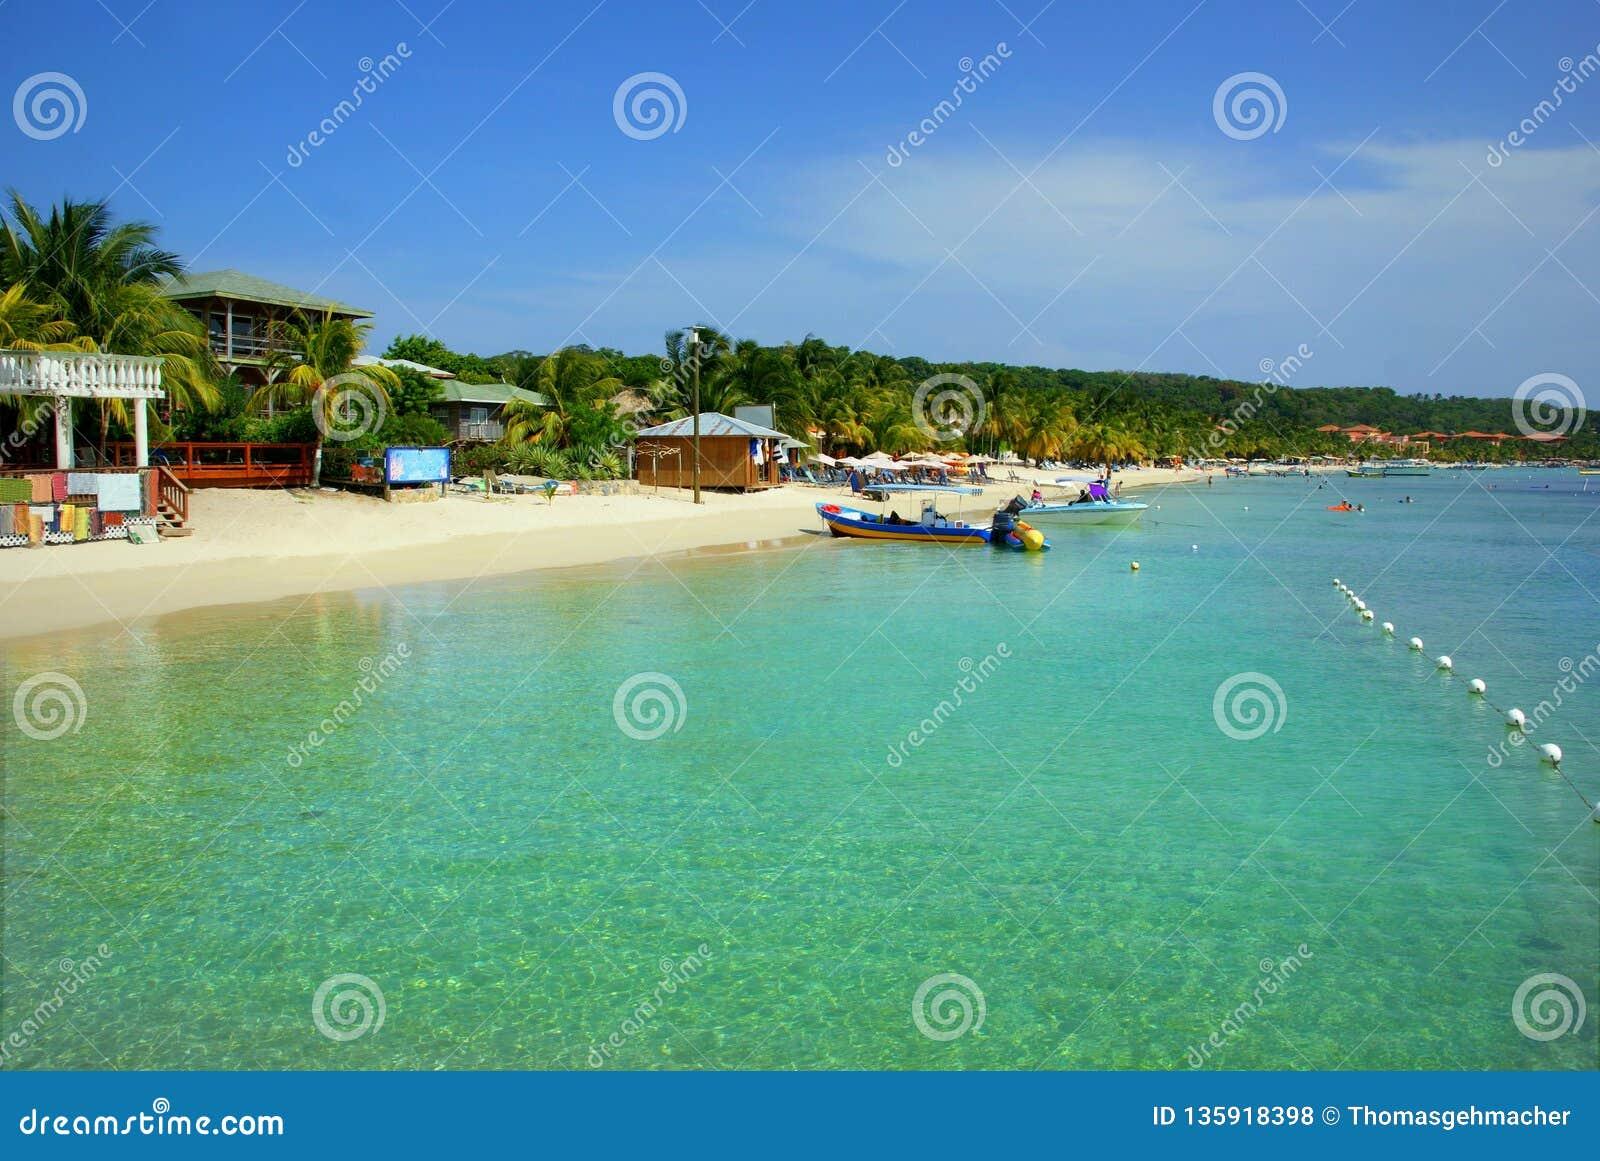 Clear tropical waters at white sand beach on Roatán island, Honduras